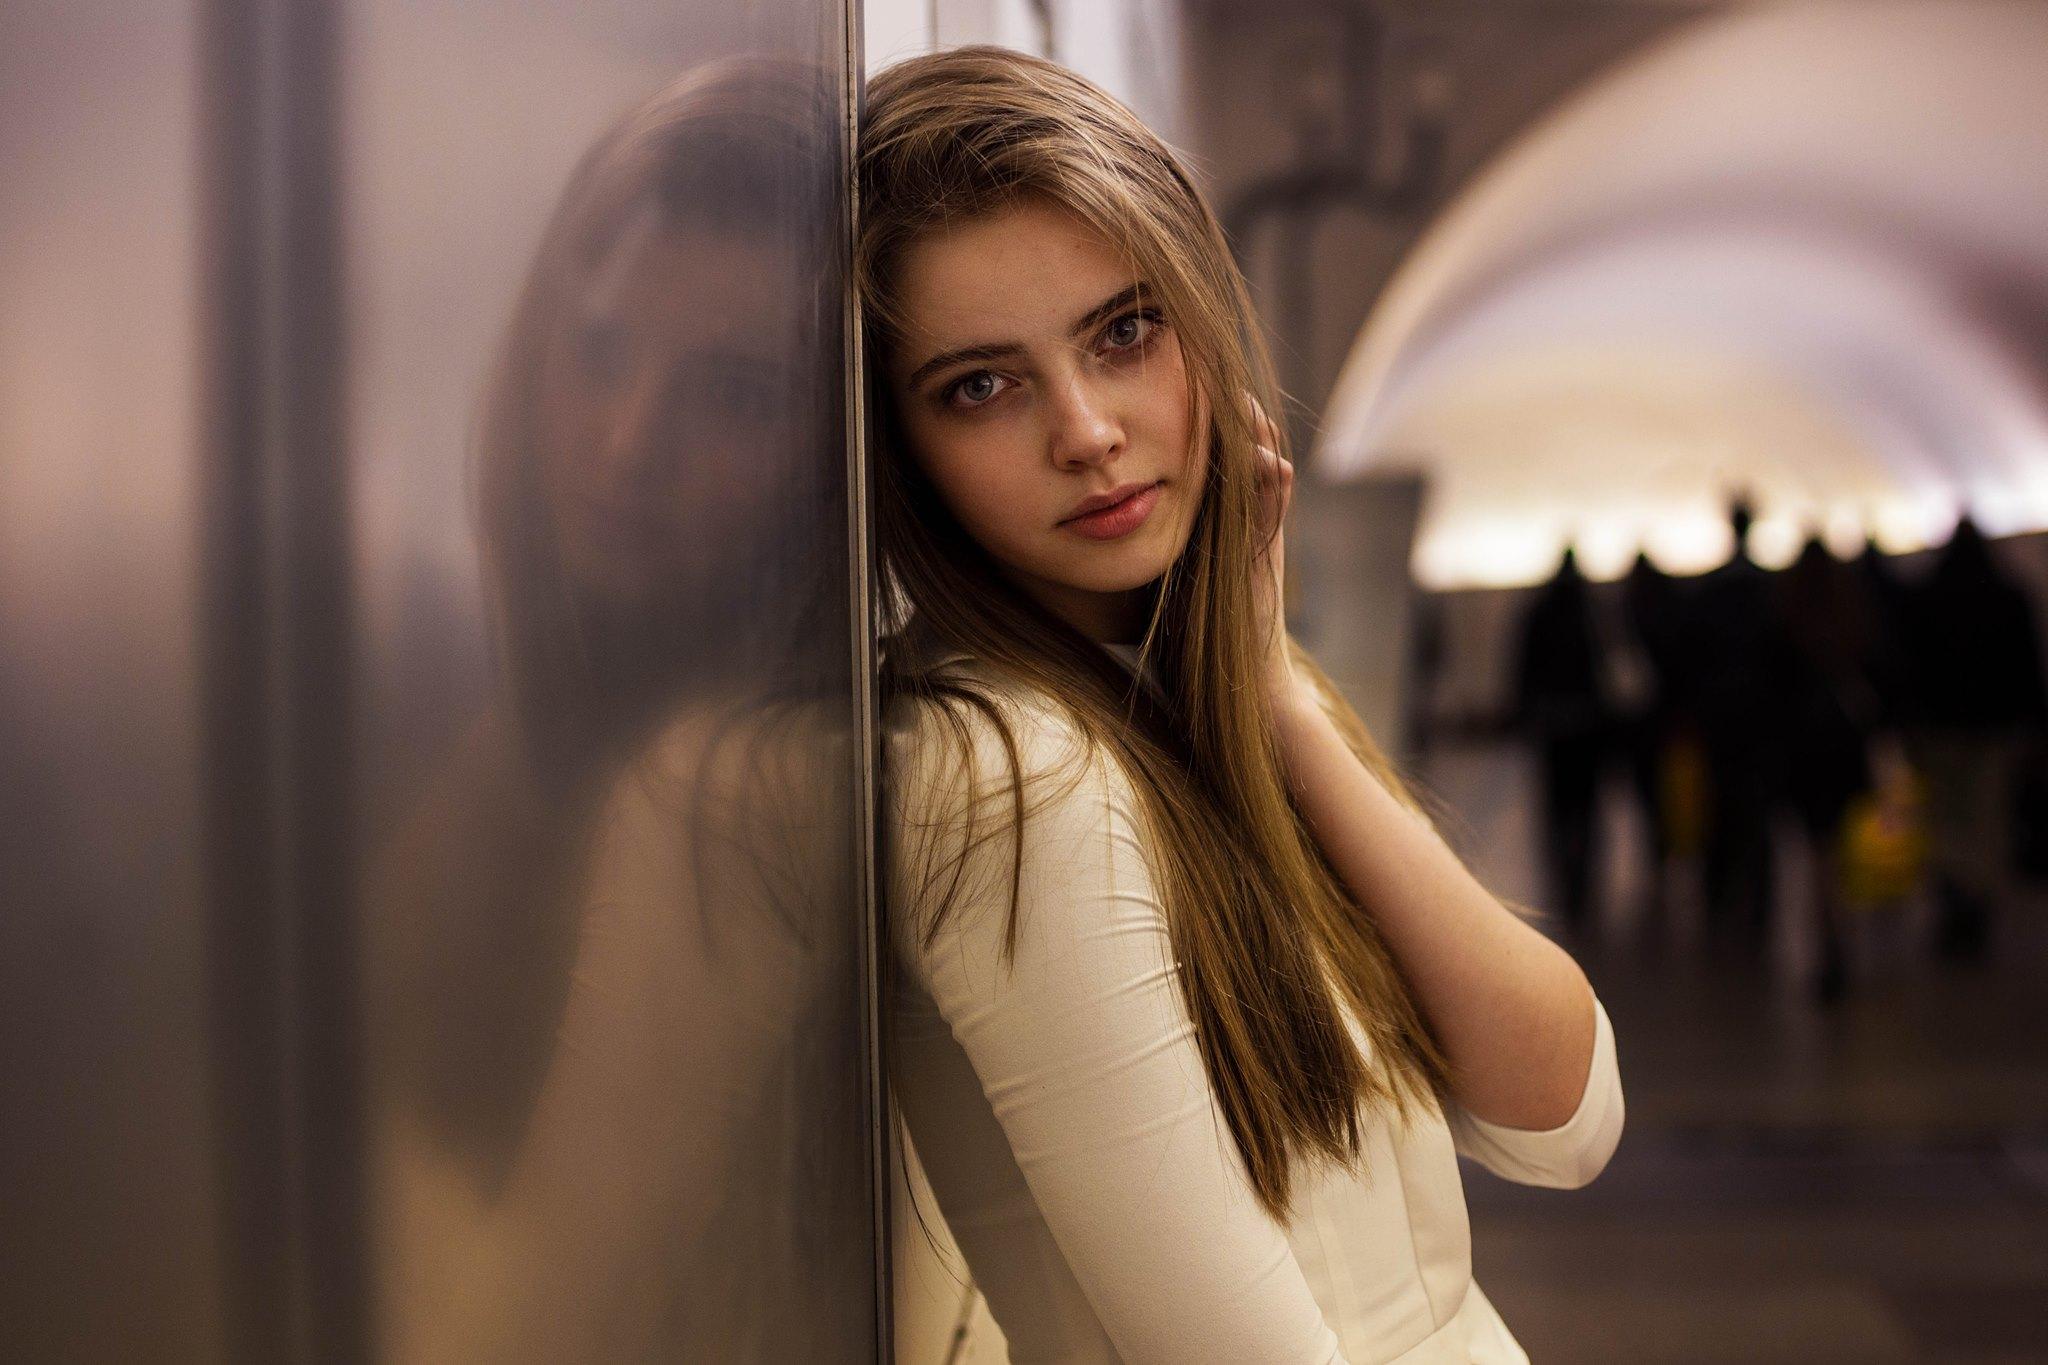 Атлас красоты, девушка из Москвы, Россия